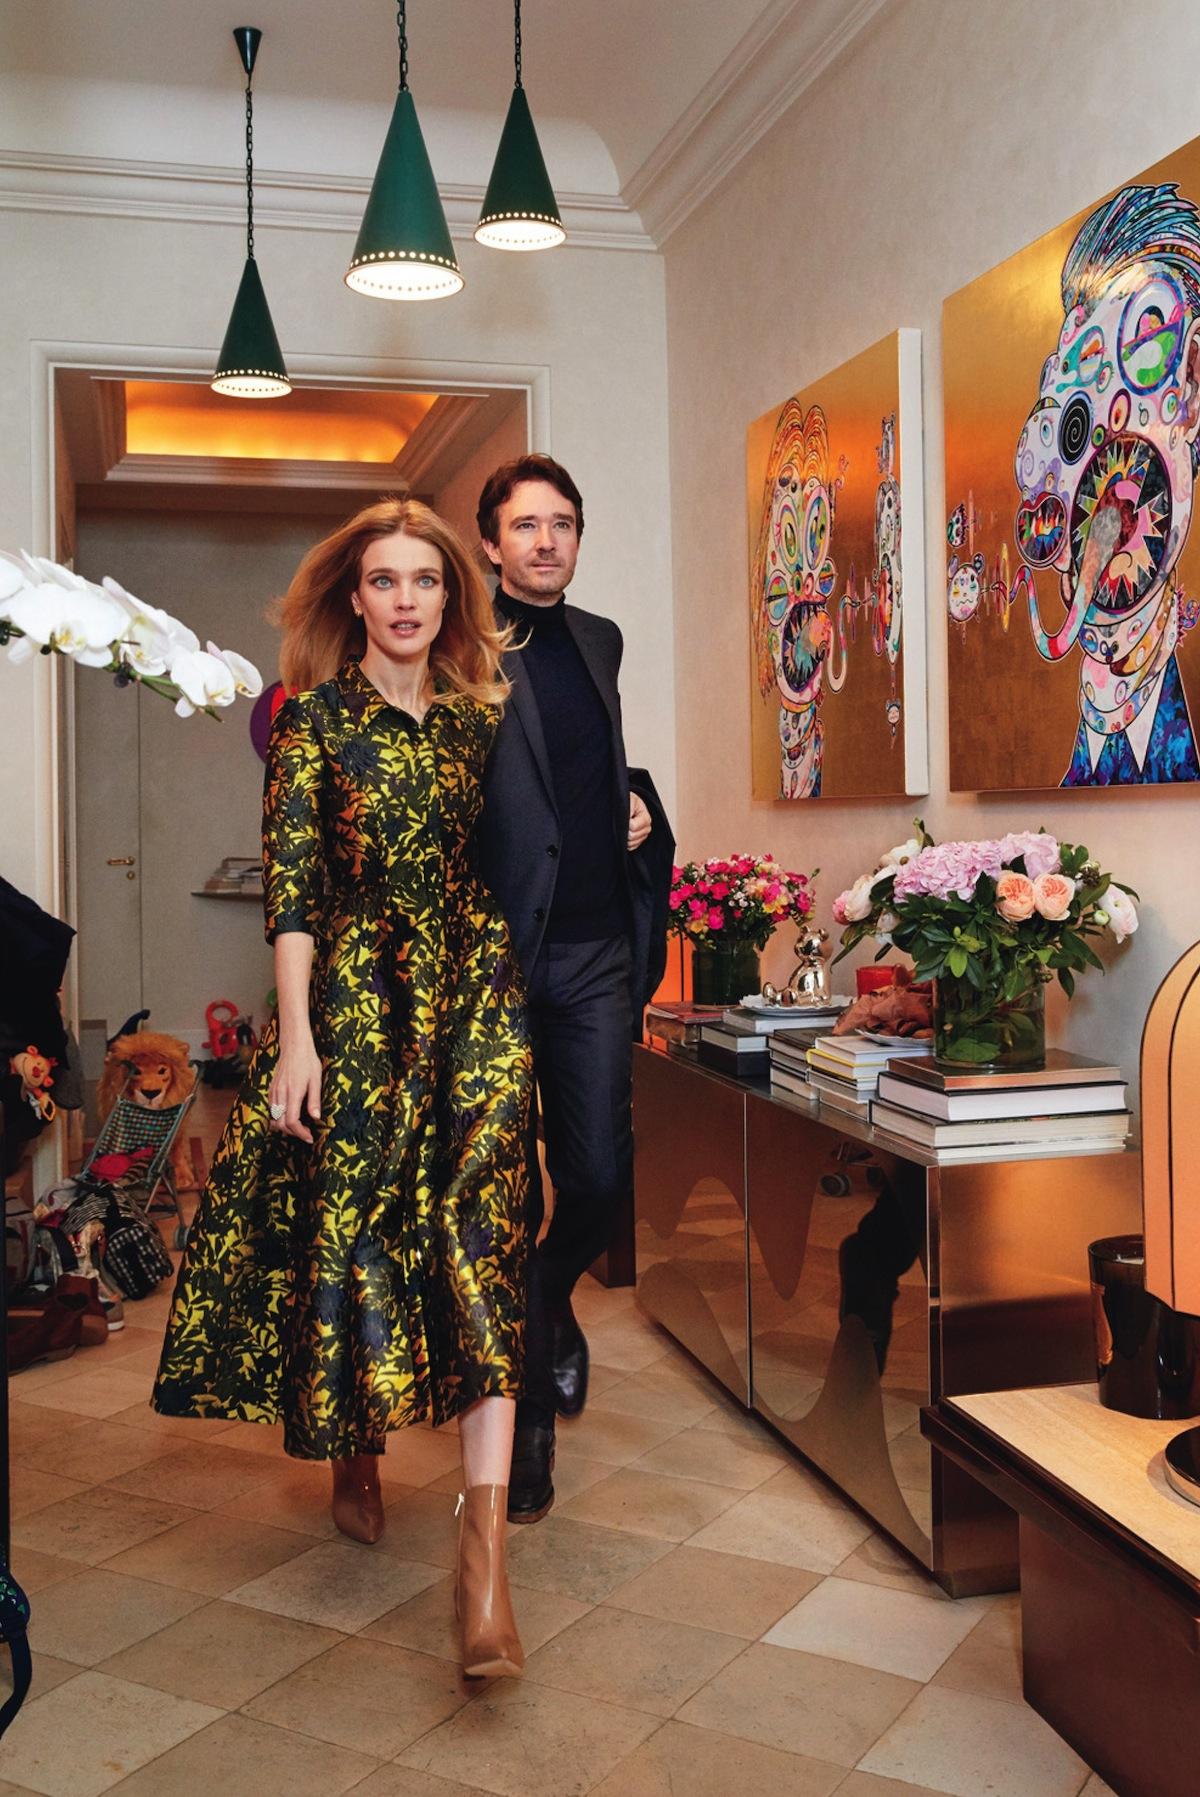 Наталья Водянова с мужем Антуаном Арно в прихожей собственного дома